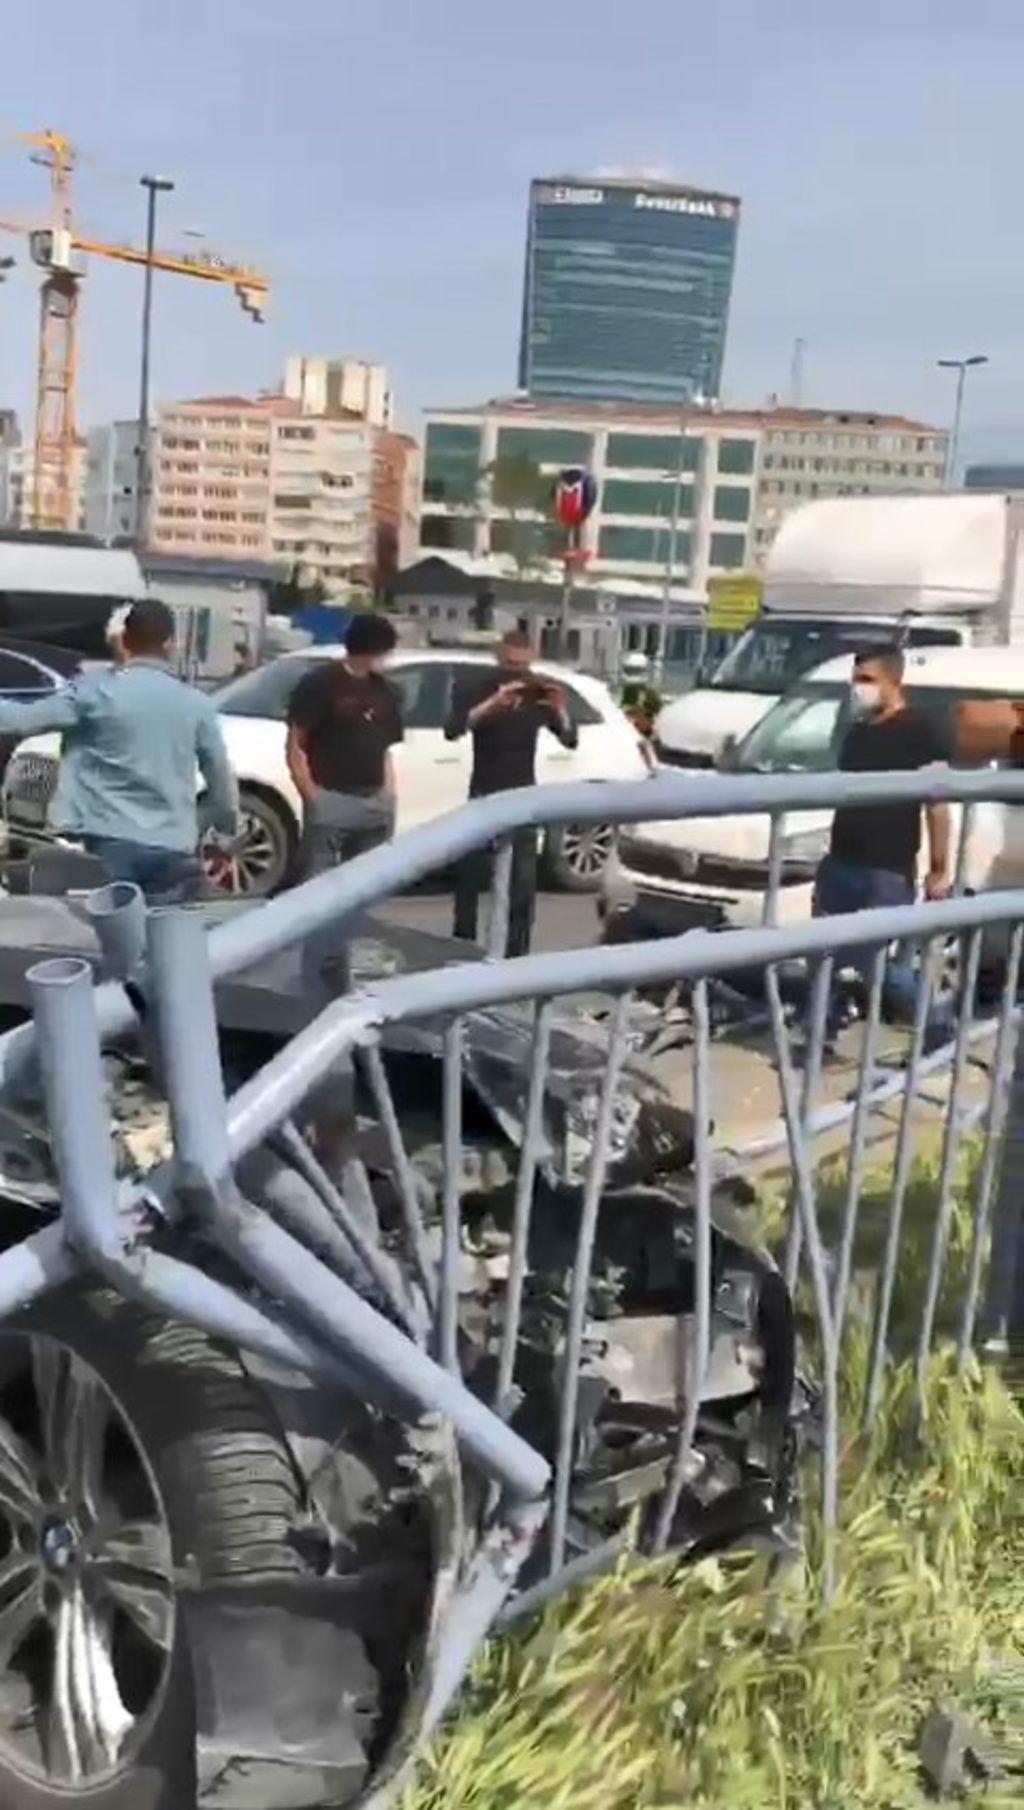 Tam kapanmada inanılmaz kaza! 11 araç hasar gördü - Resim: 3